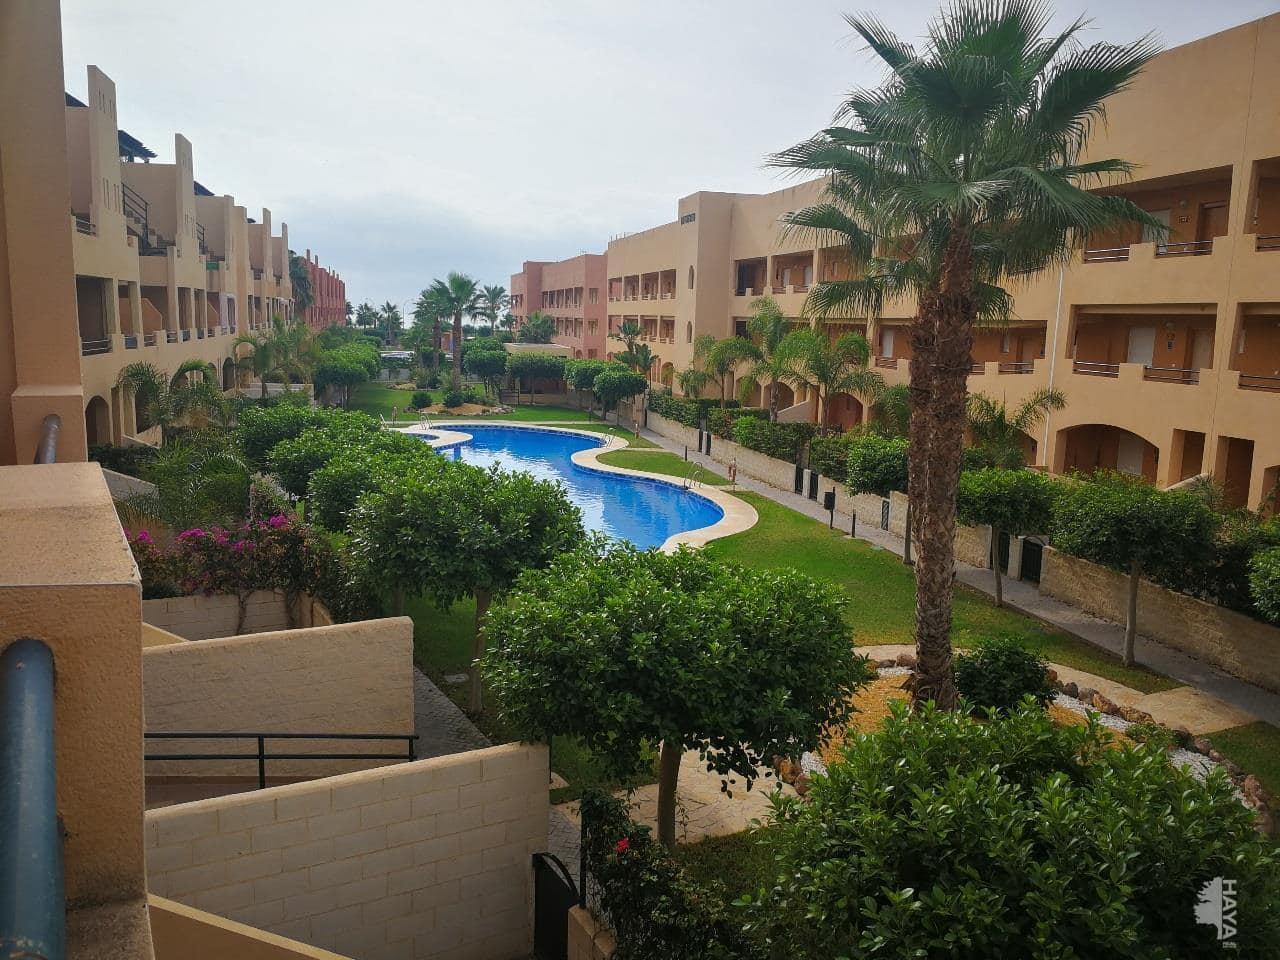 Piso en venta en Vera, Almería, Calle Islas Canarias, 87.981 €, 2 habitaciones, 1 baño, 63 m2